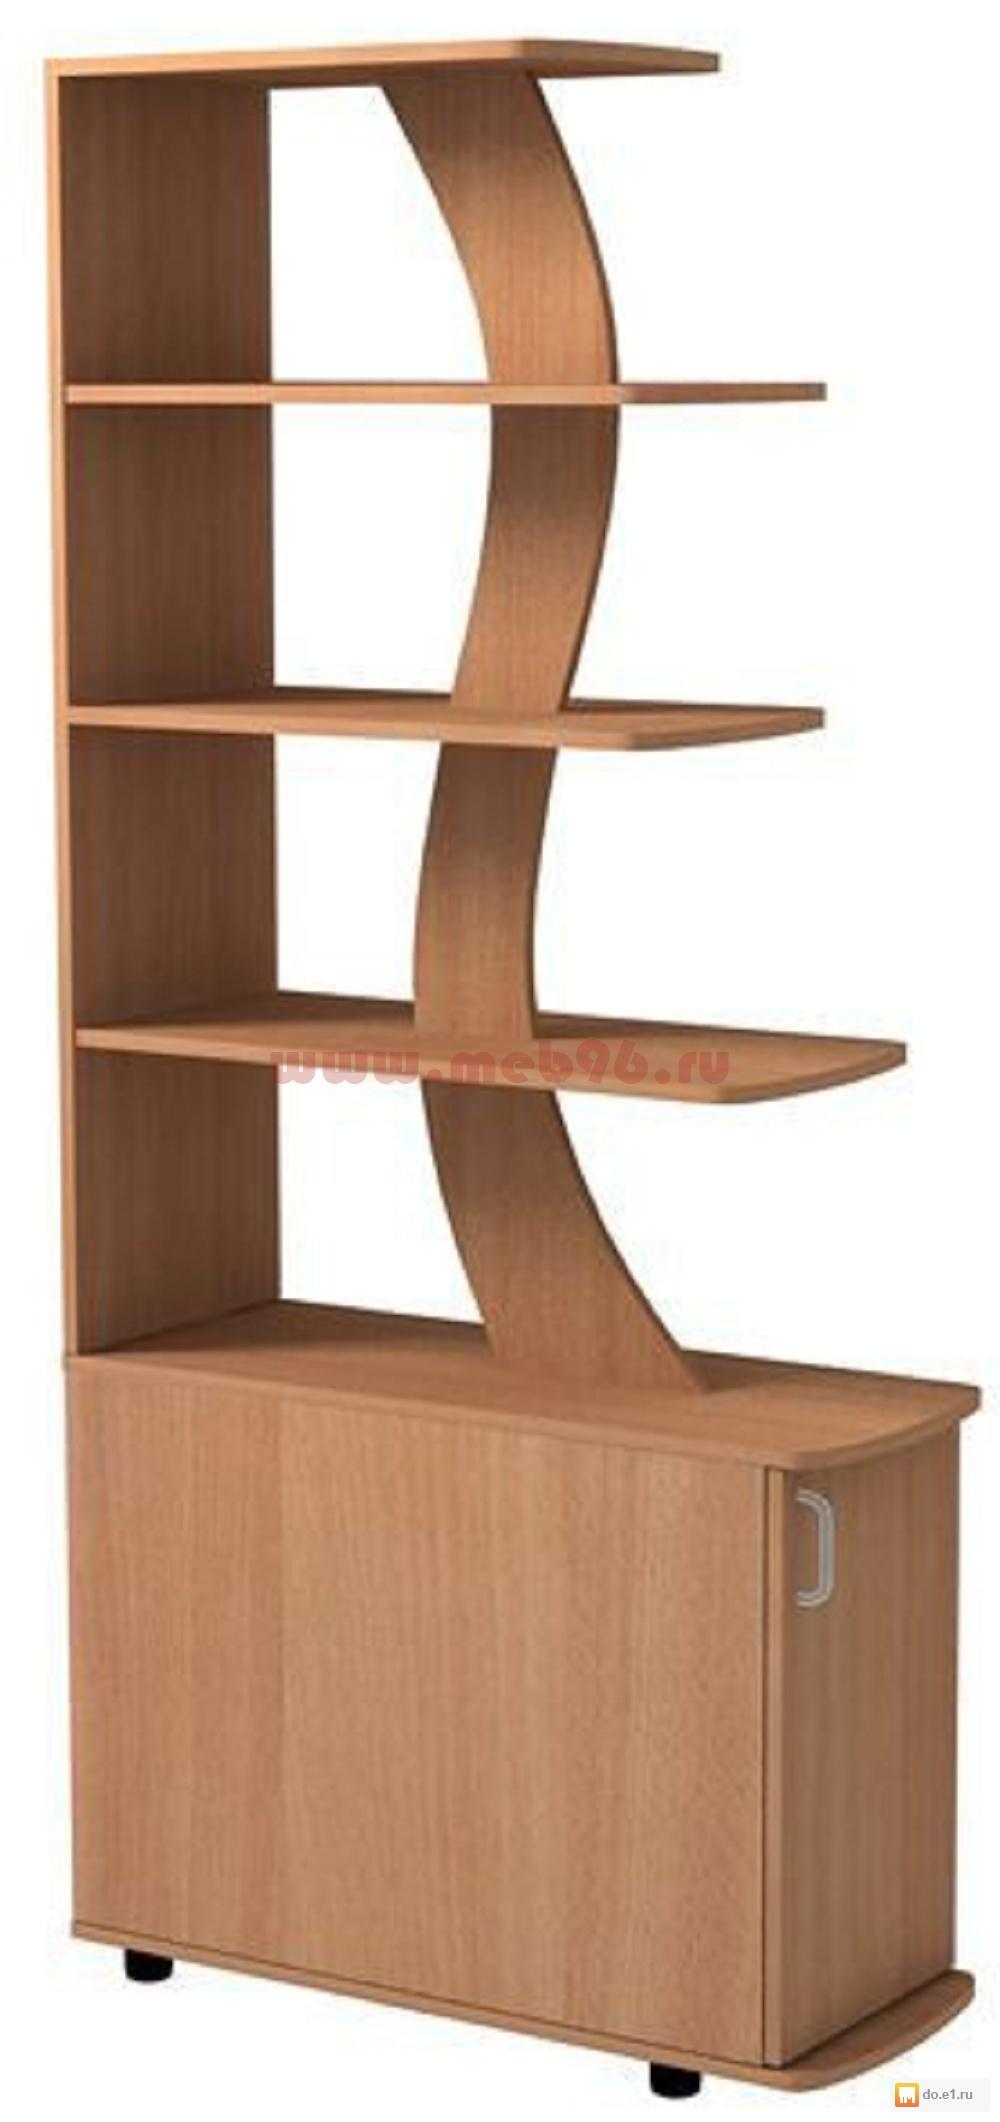 Стеллаж открытый для книг купить недорого в москве в интерне.